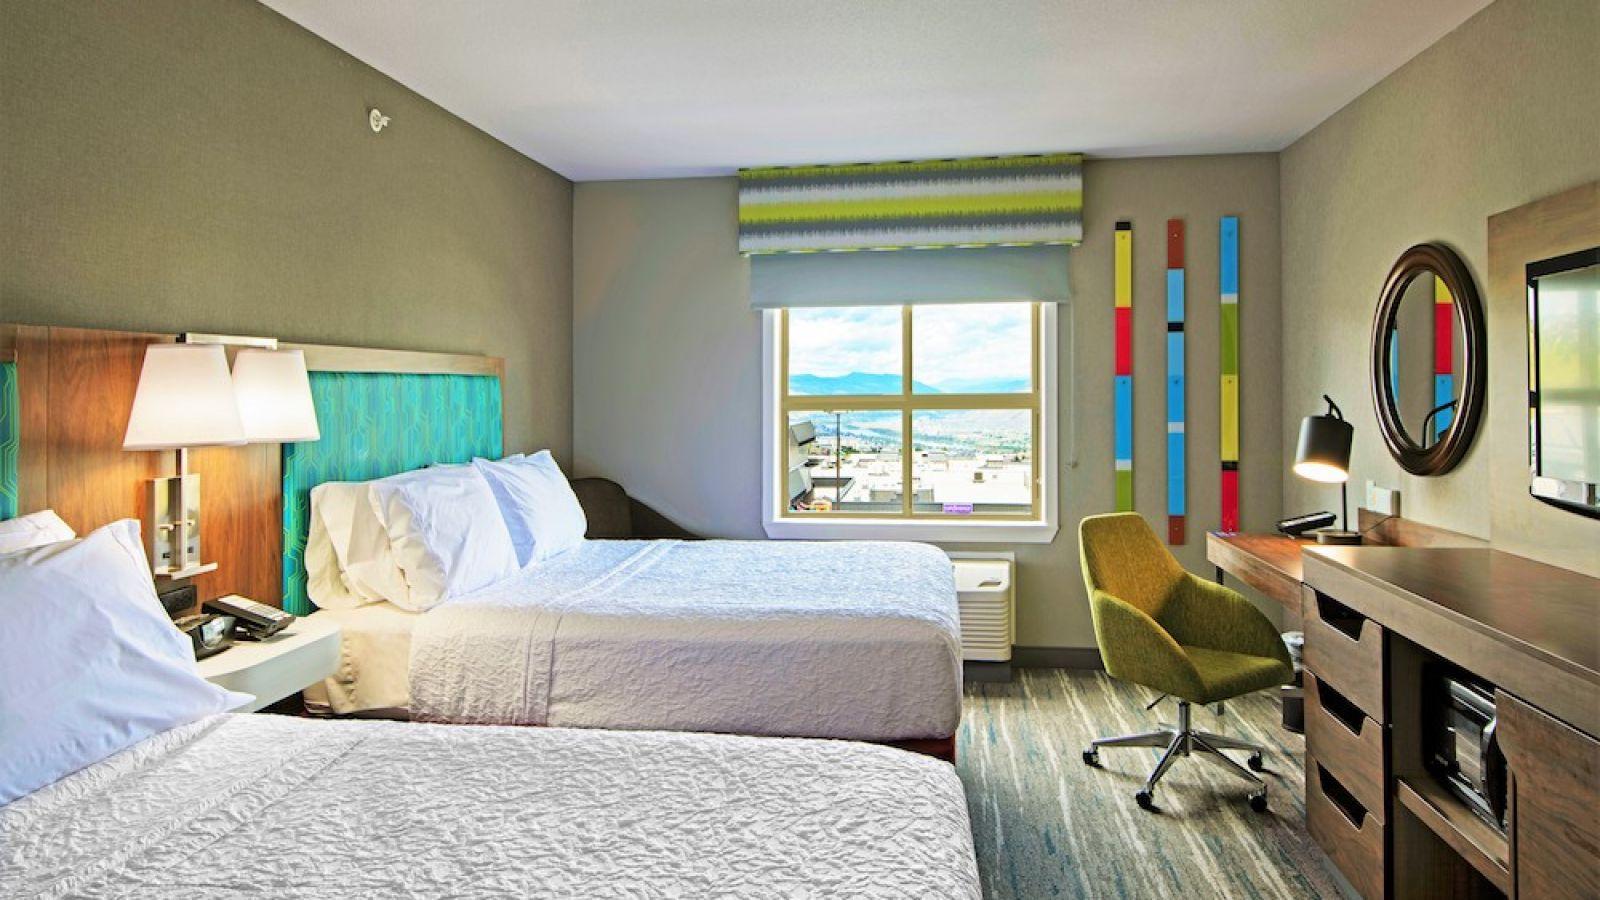 Hampton Inn Kamloops - Queen / Queen room - renovated